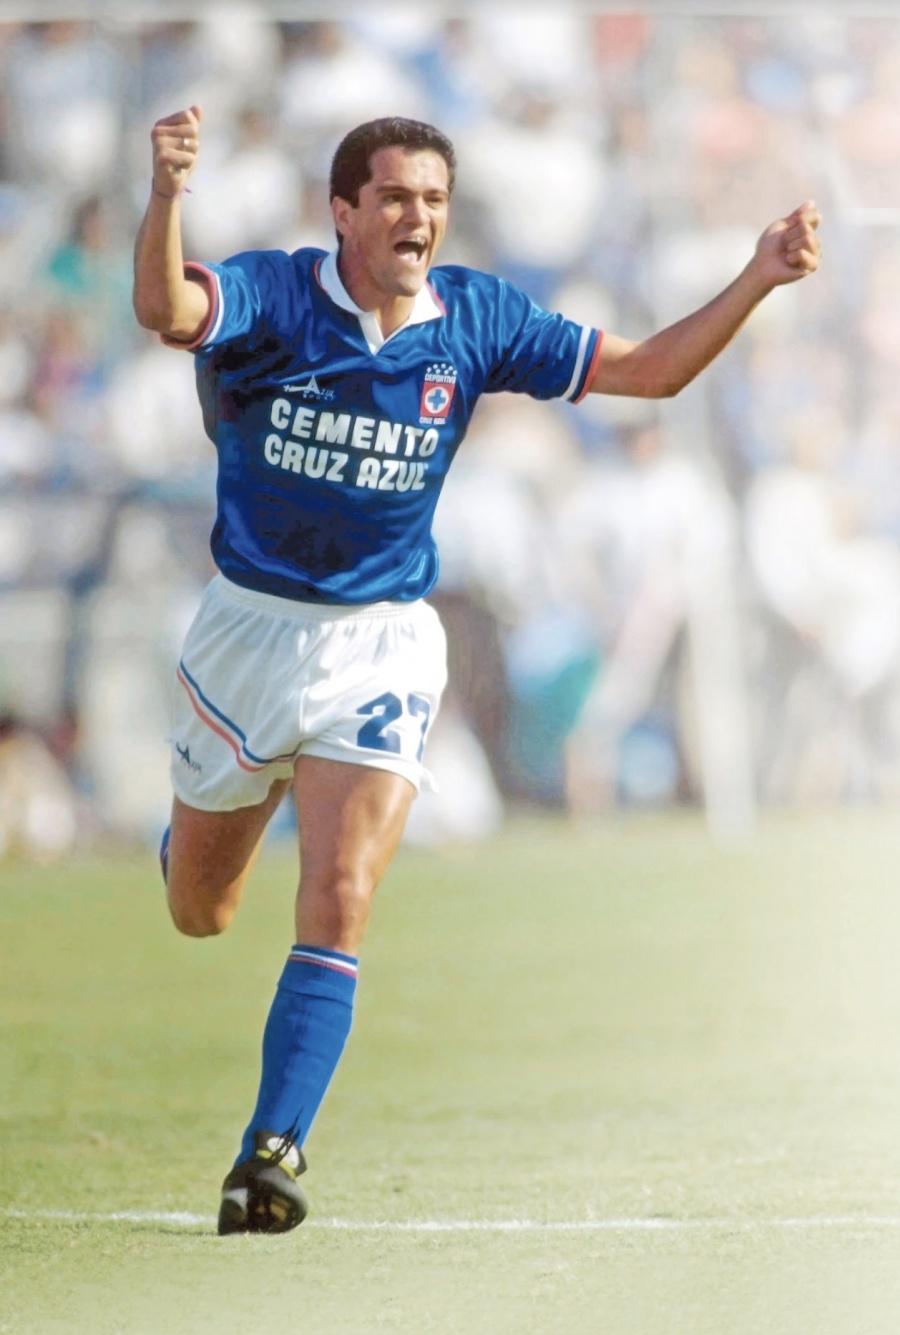 Hermosillo cumple 55 años; es máximo goleador azul